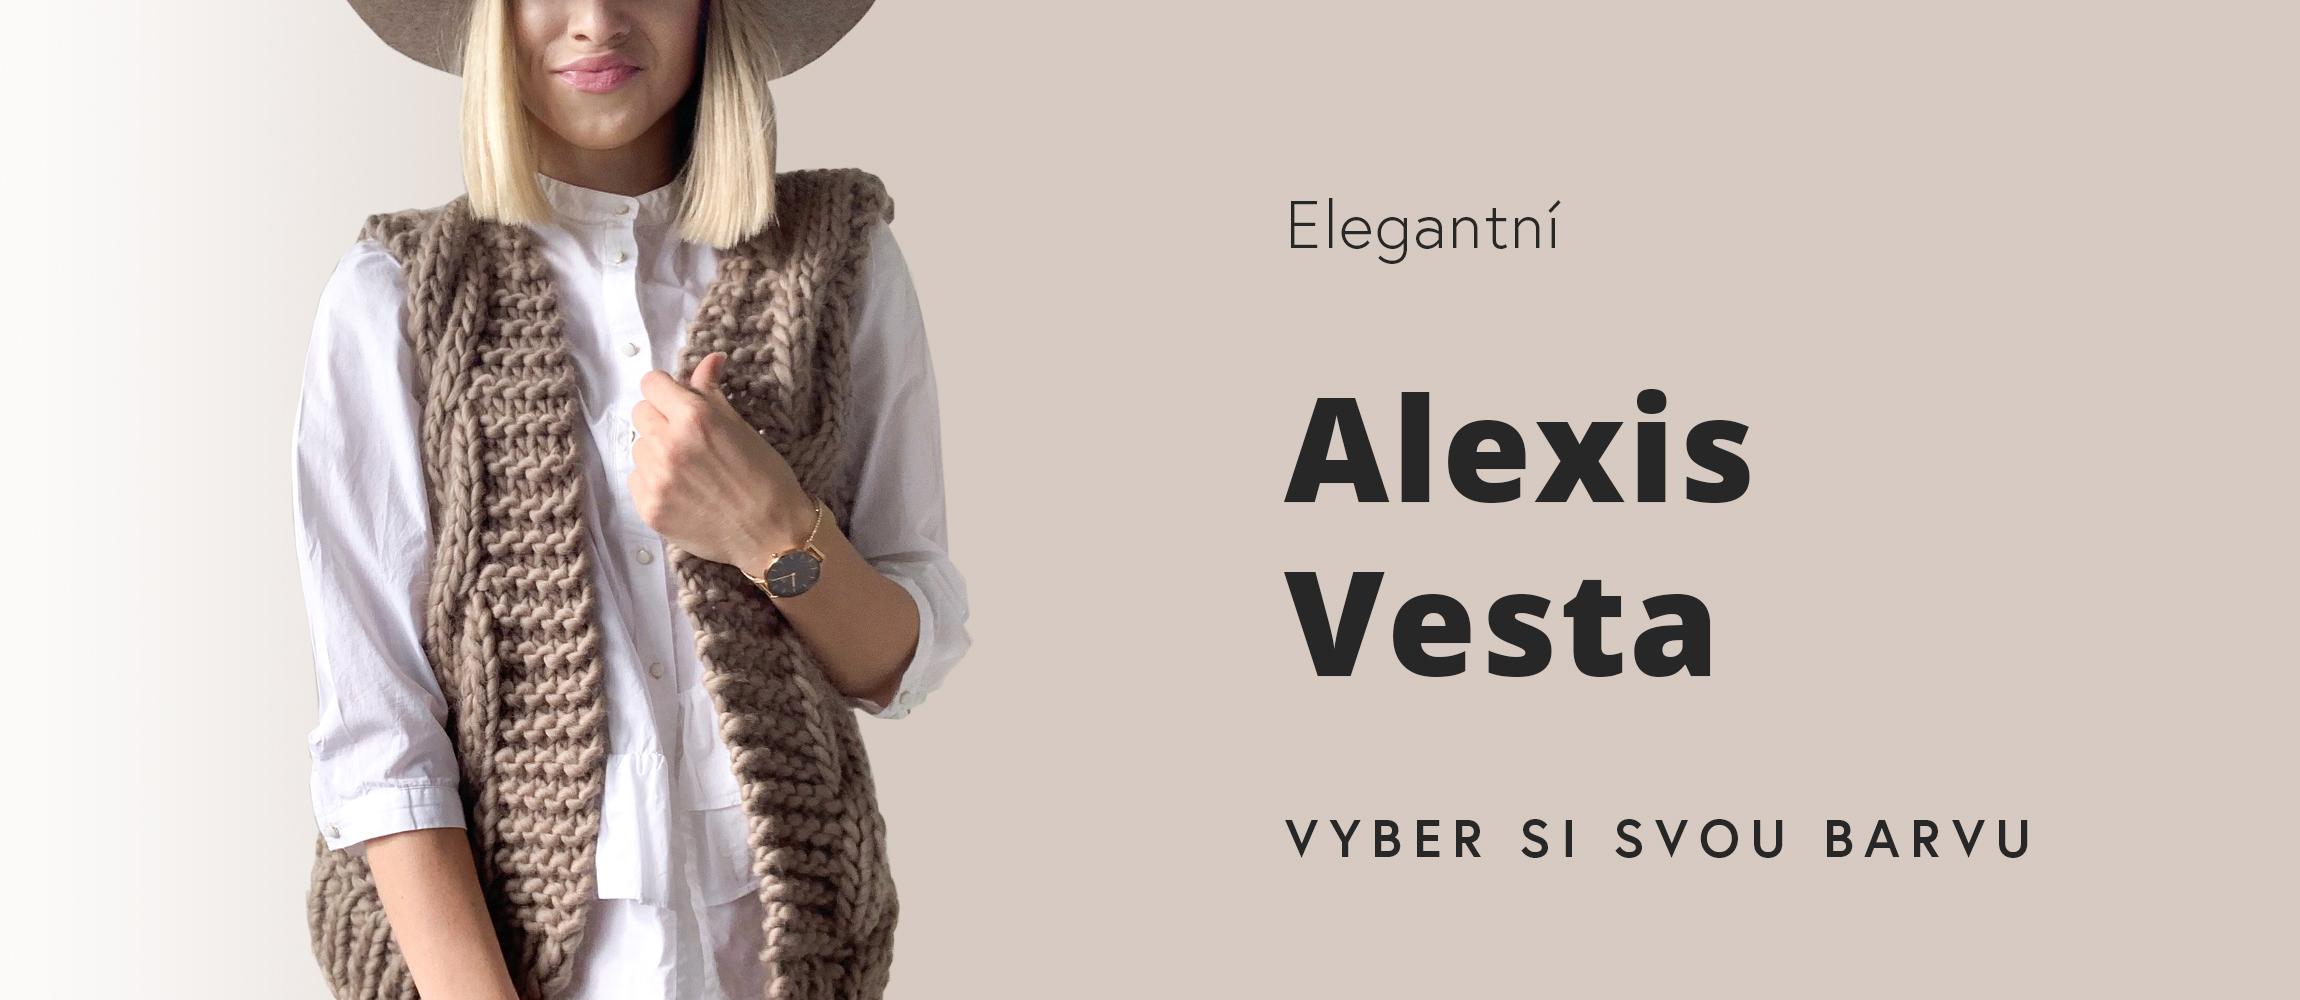 Alexis vesta